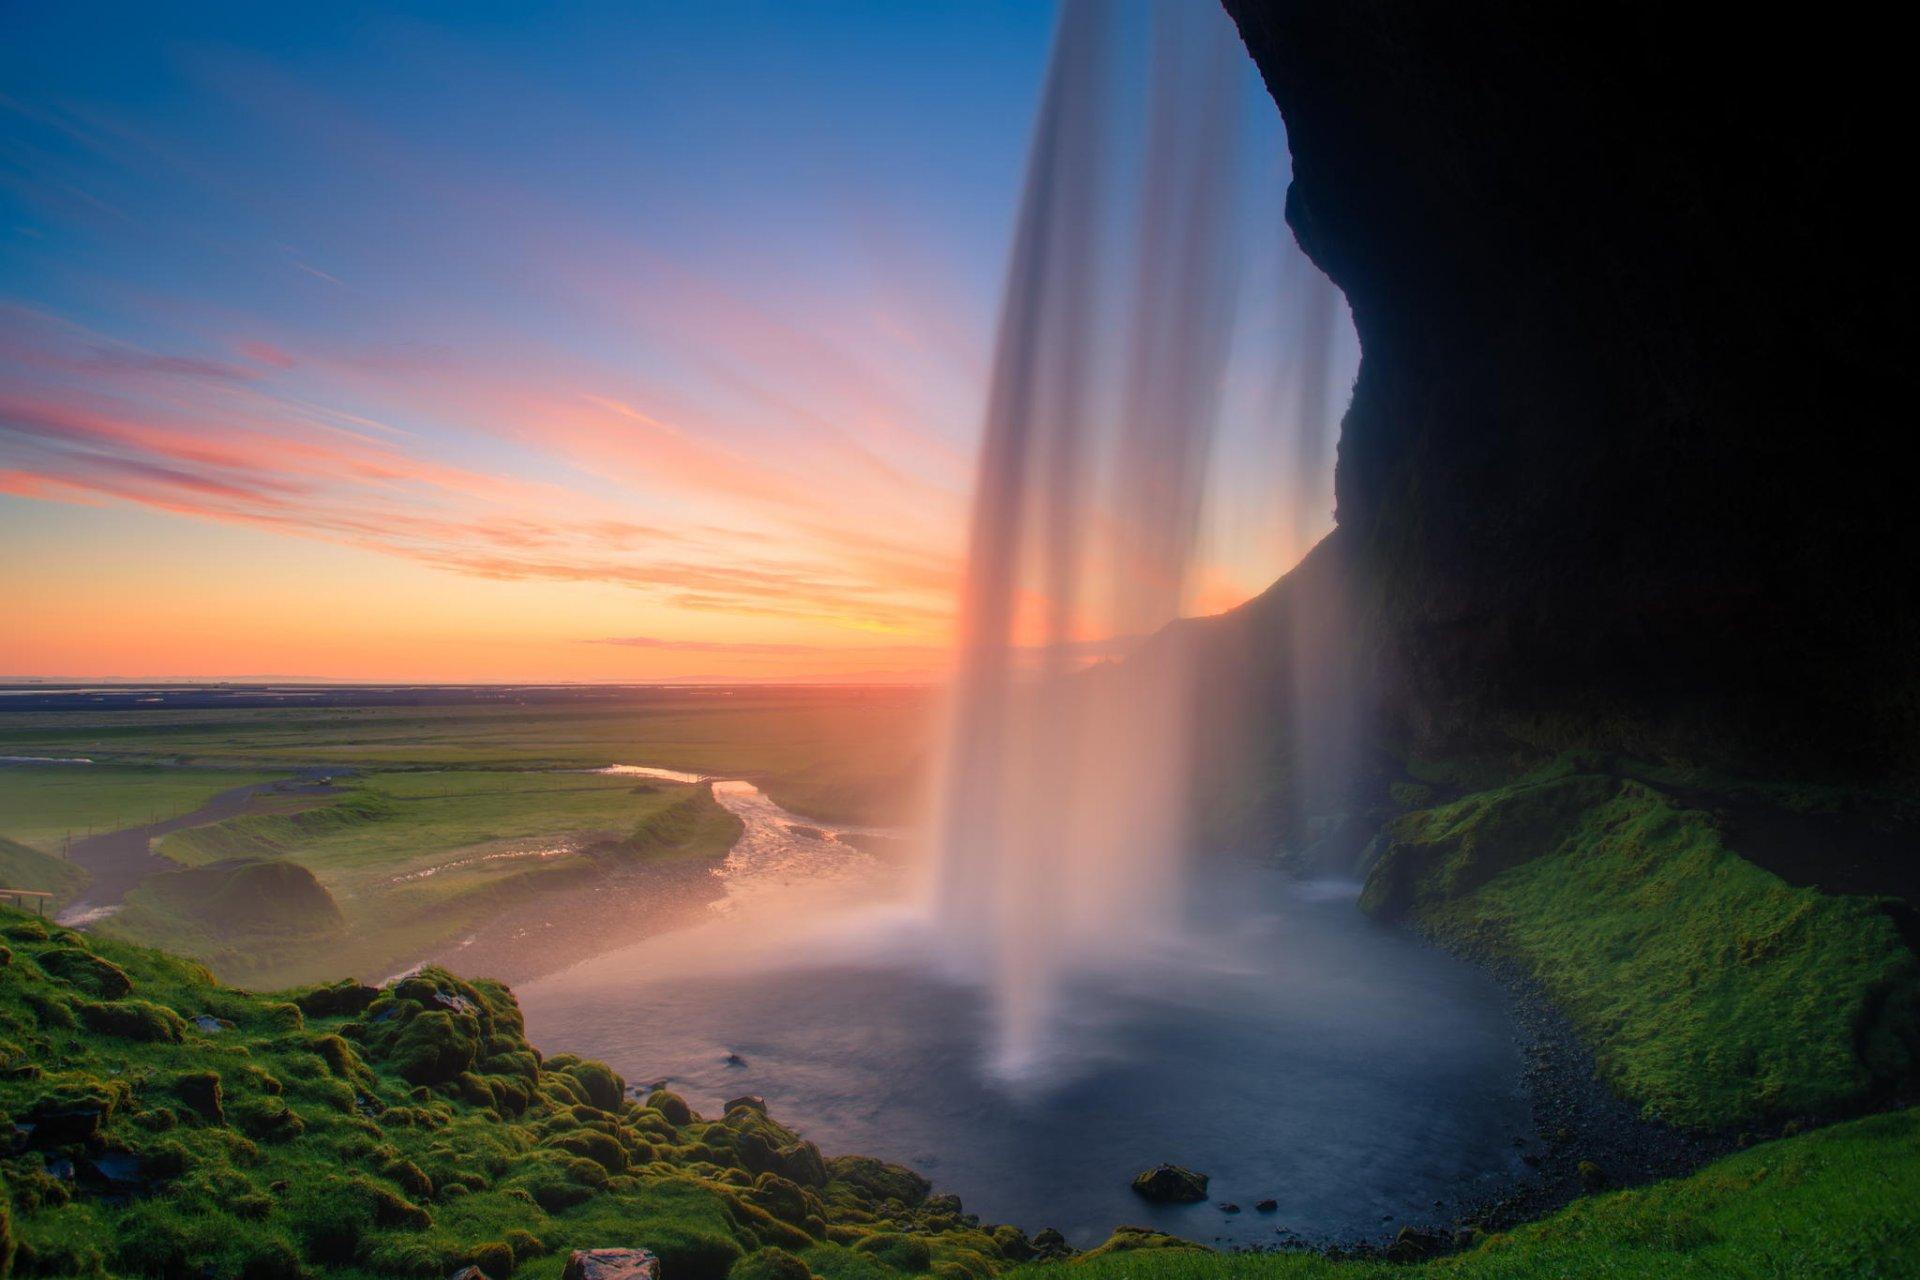 природа водопад деревья радуга  № 70474 бесплатно